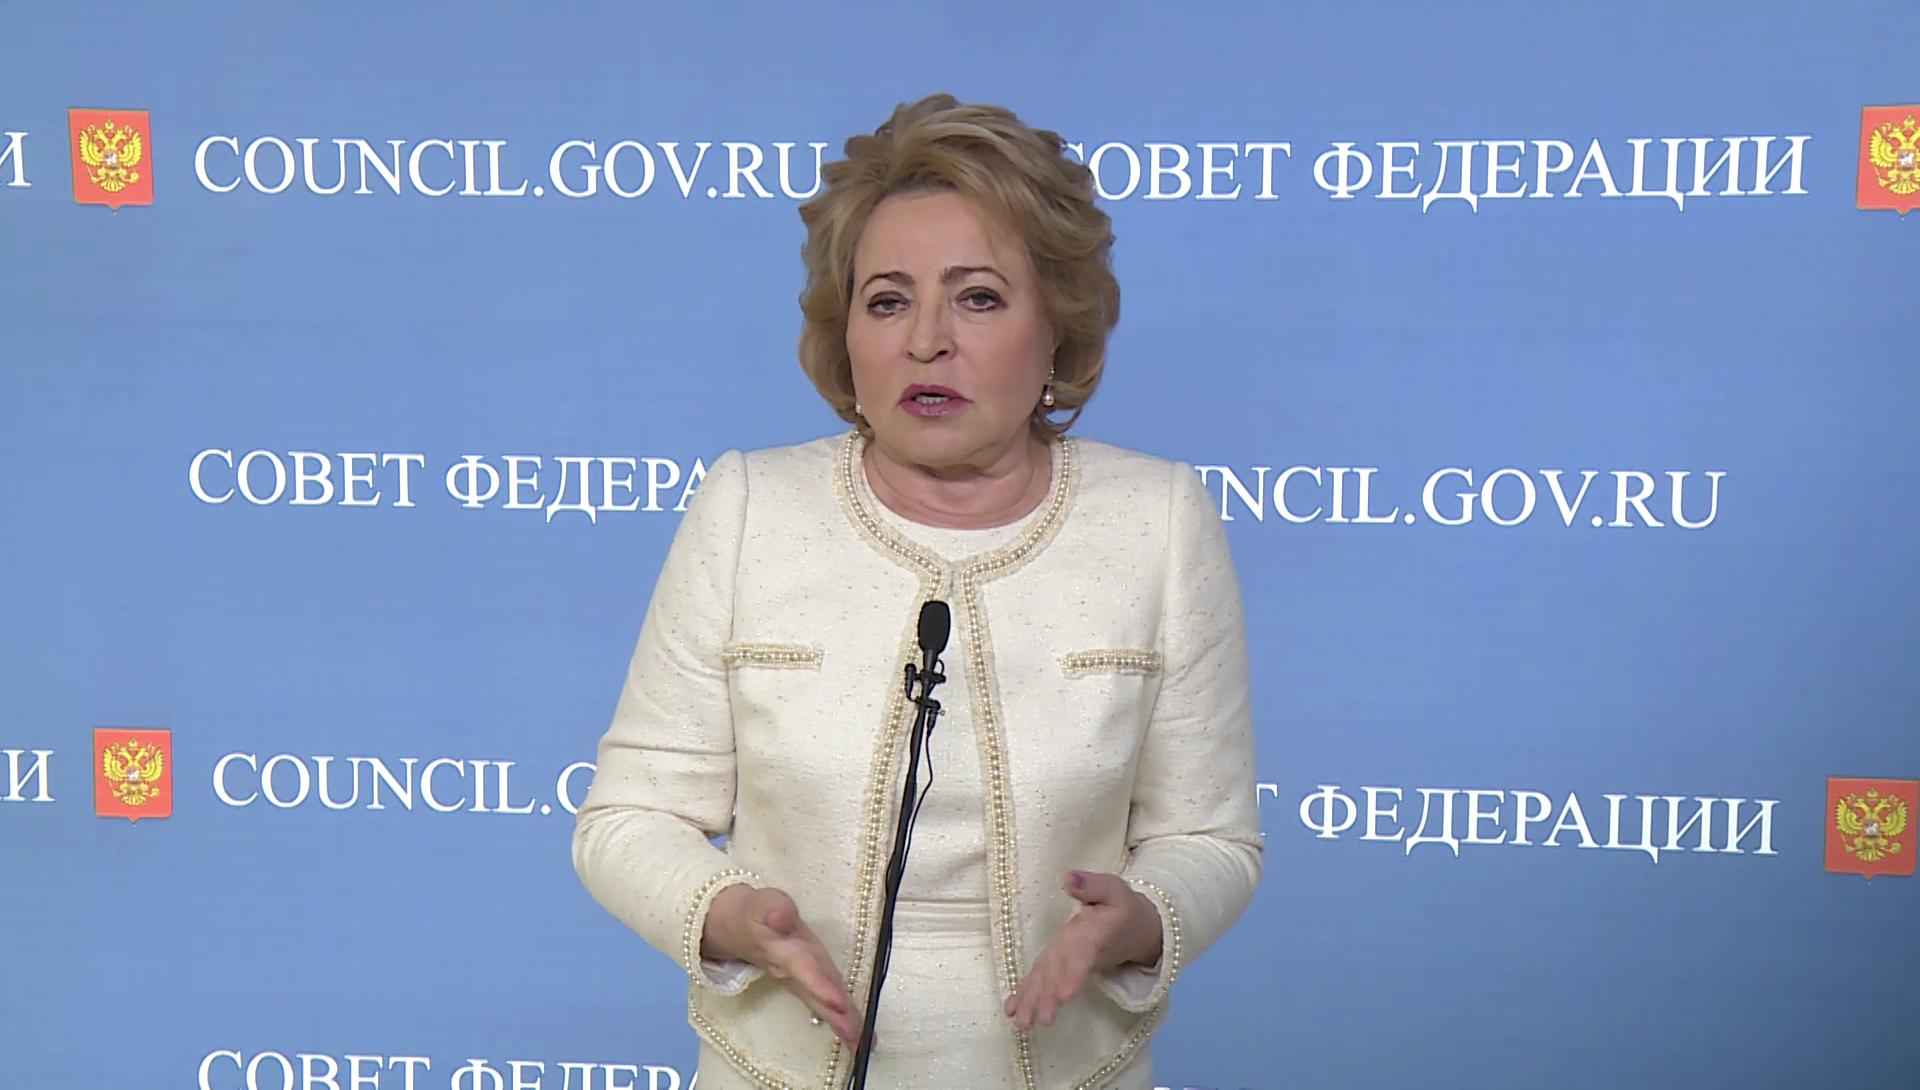 Видео:Пресс-служба Валентины Матвиенко